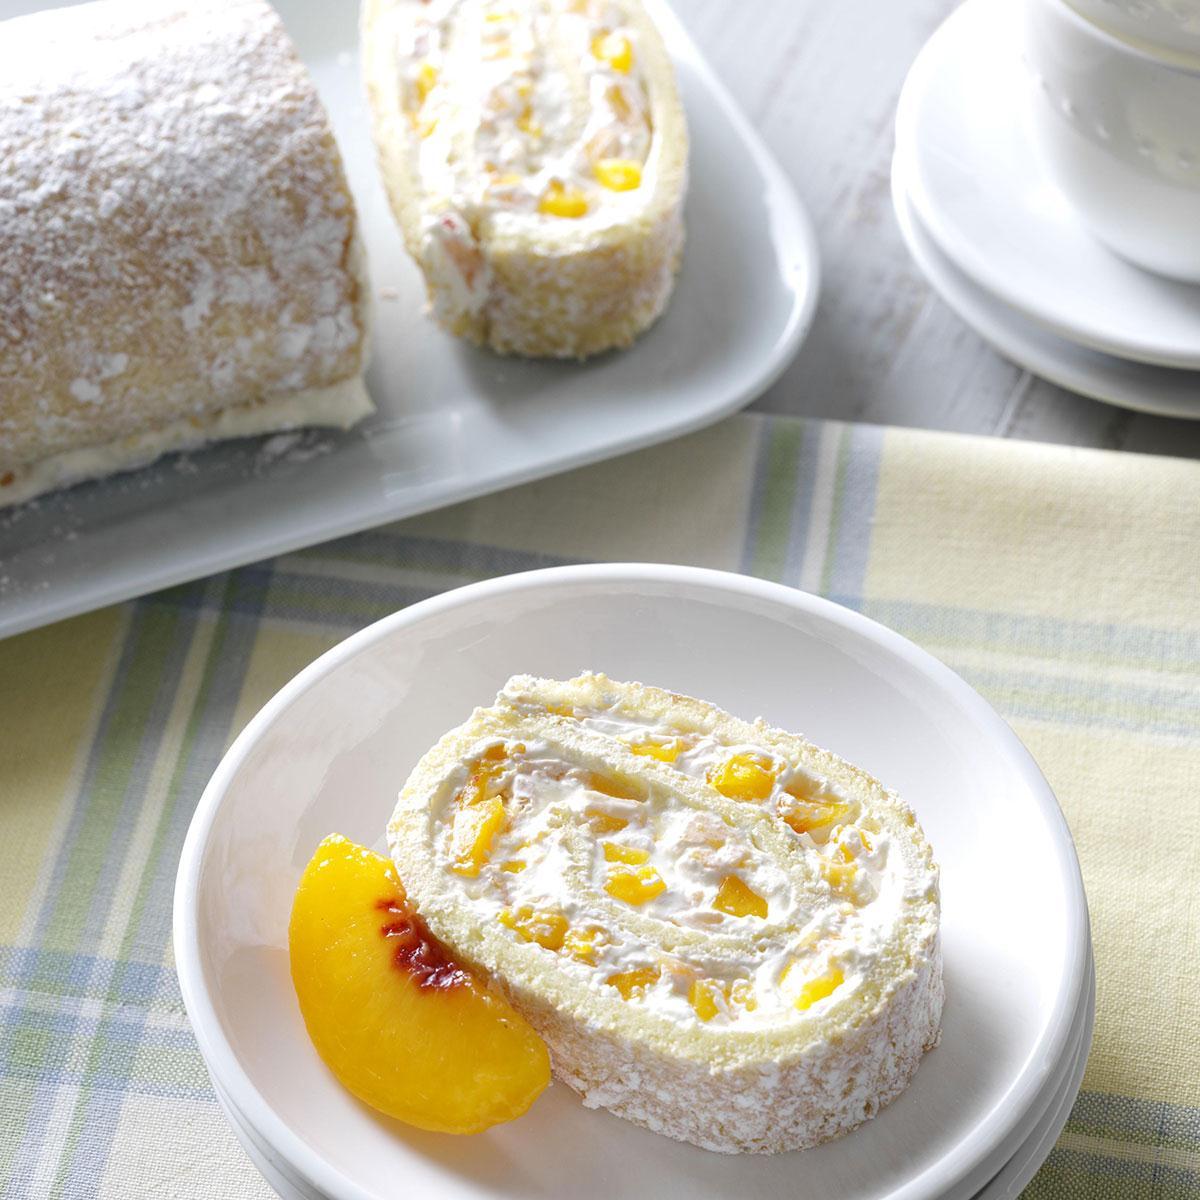 Peaches & Cream Jelly Roll Recipe